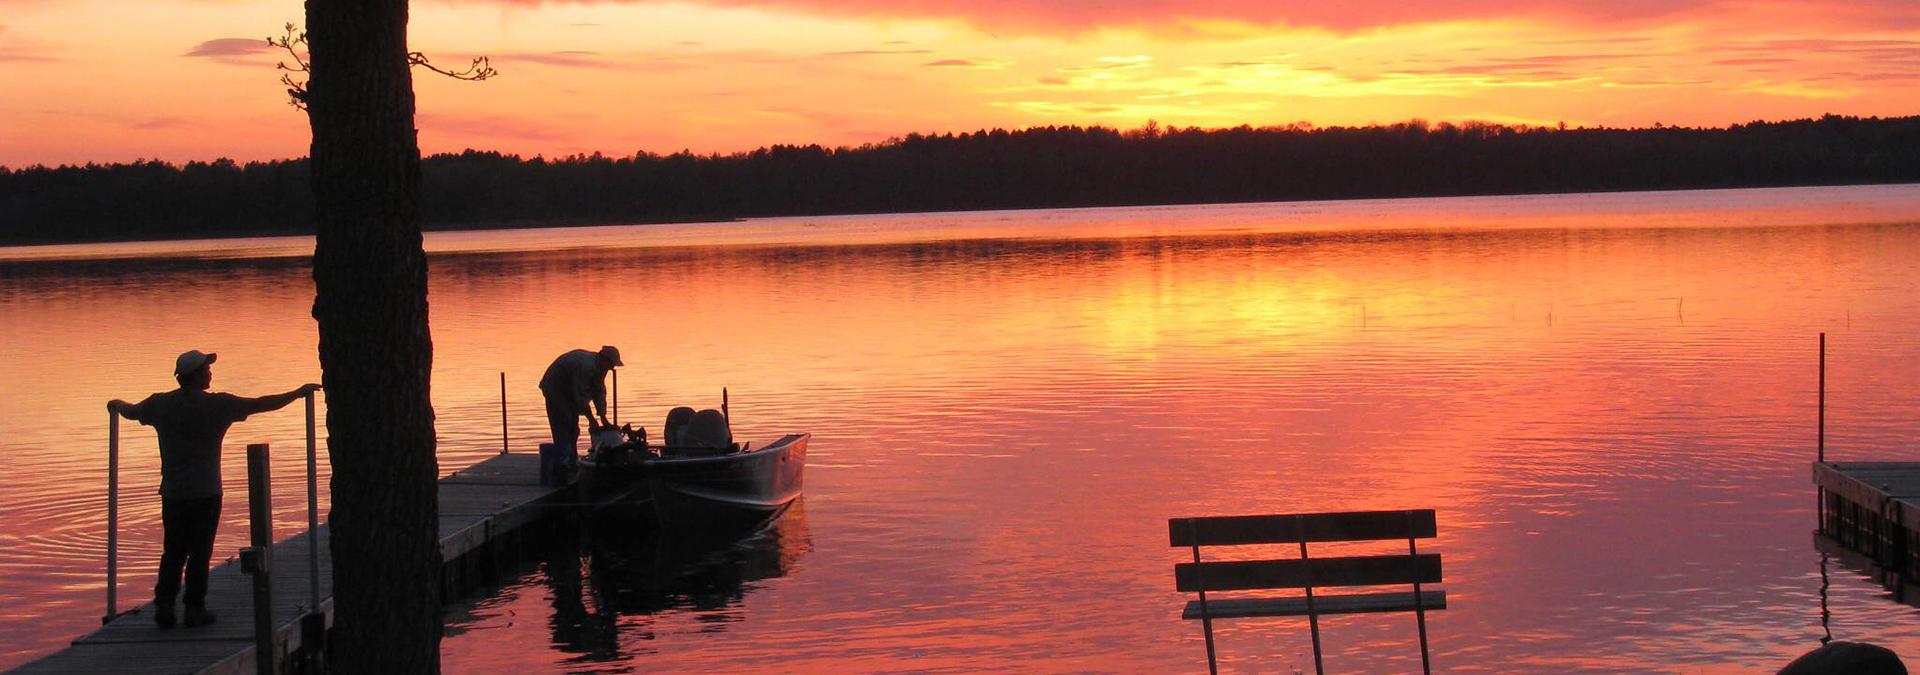 Dreamers Resort Lake at Sunrise